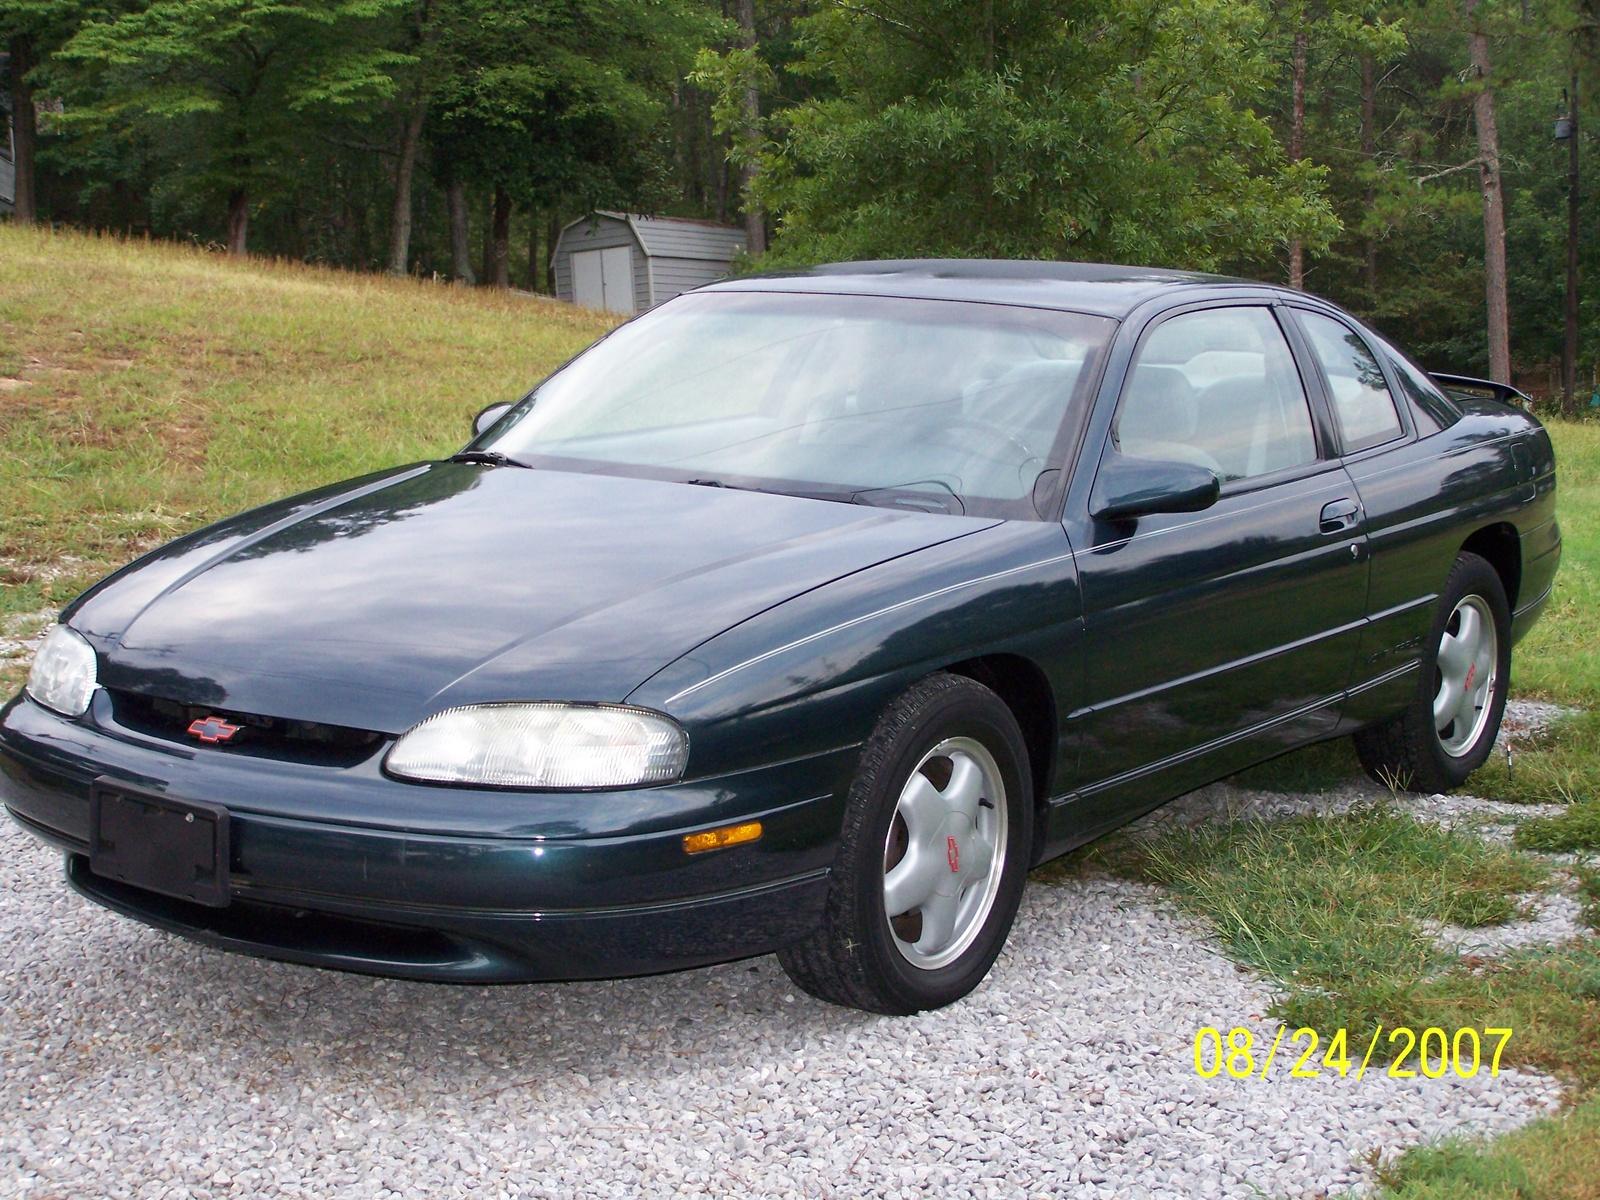 1996 Chevrolet Monte Carlo Specs Prices Vins Recalls Autodetective